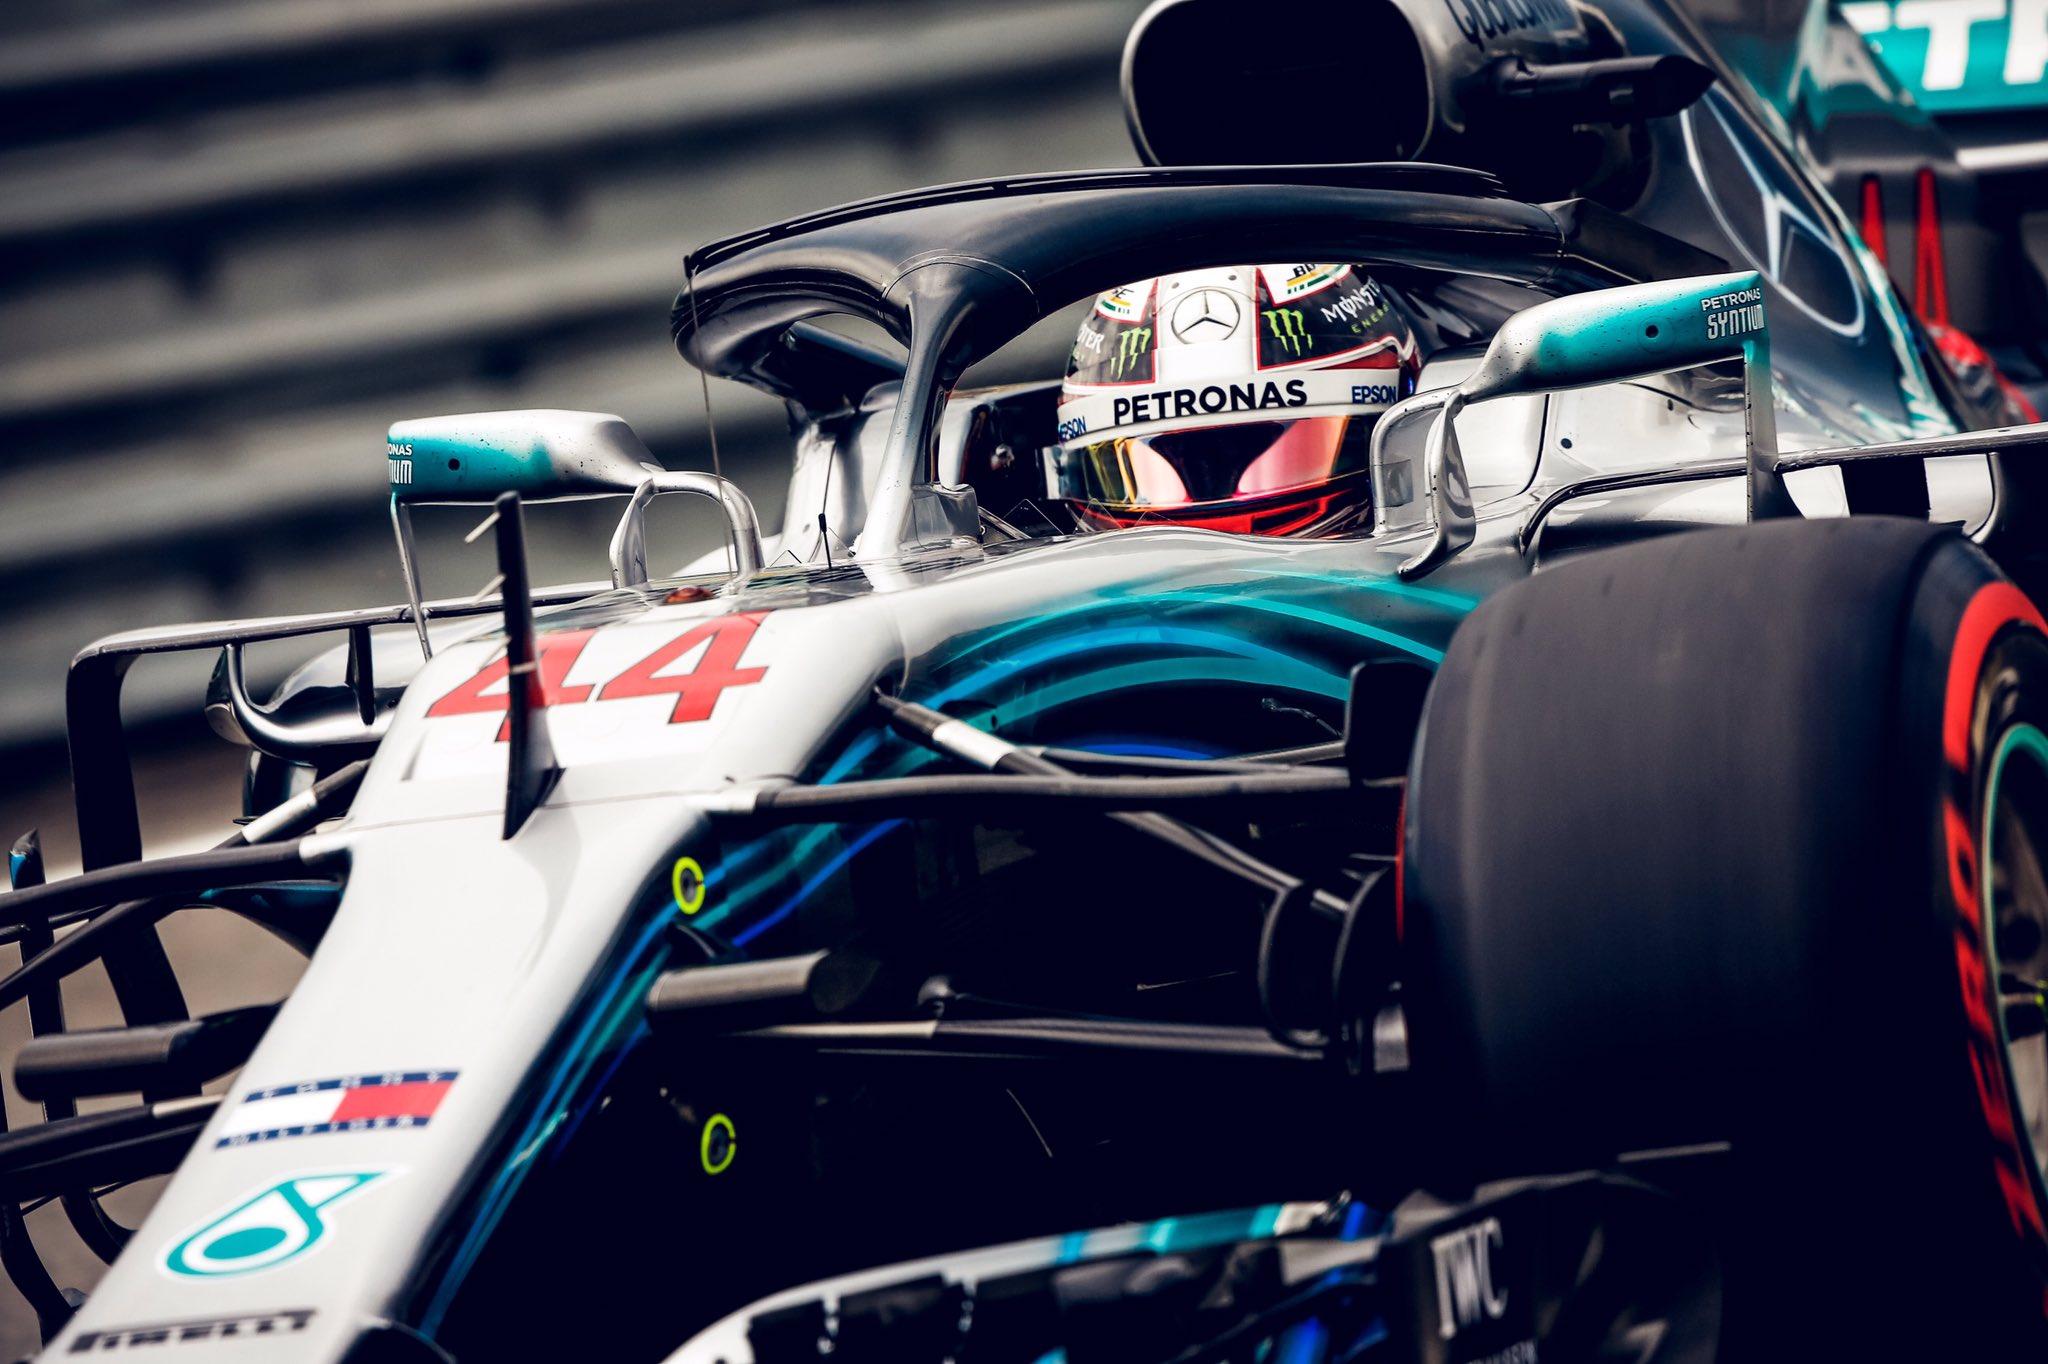 Льюис Хэмилтон - победитель Гран-при Бразилии 2018 года